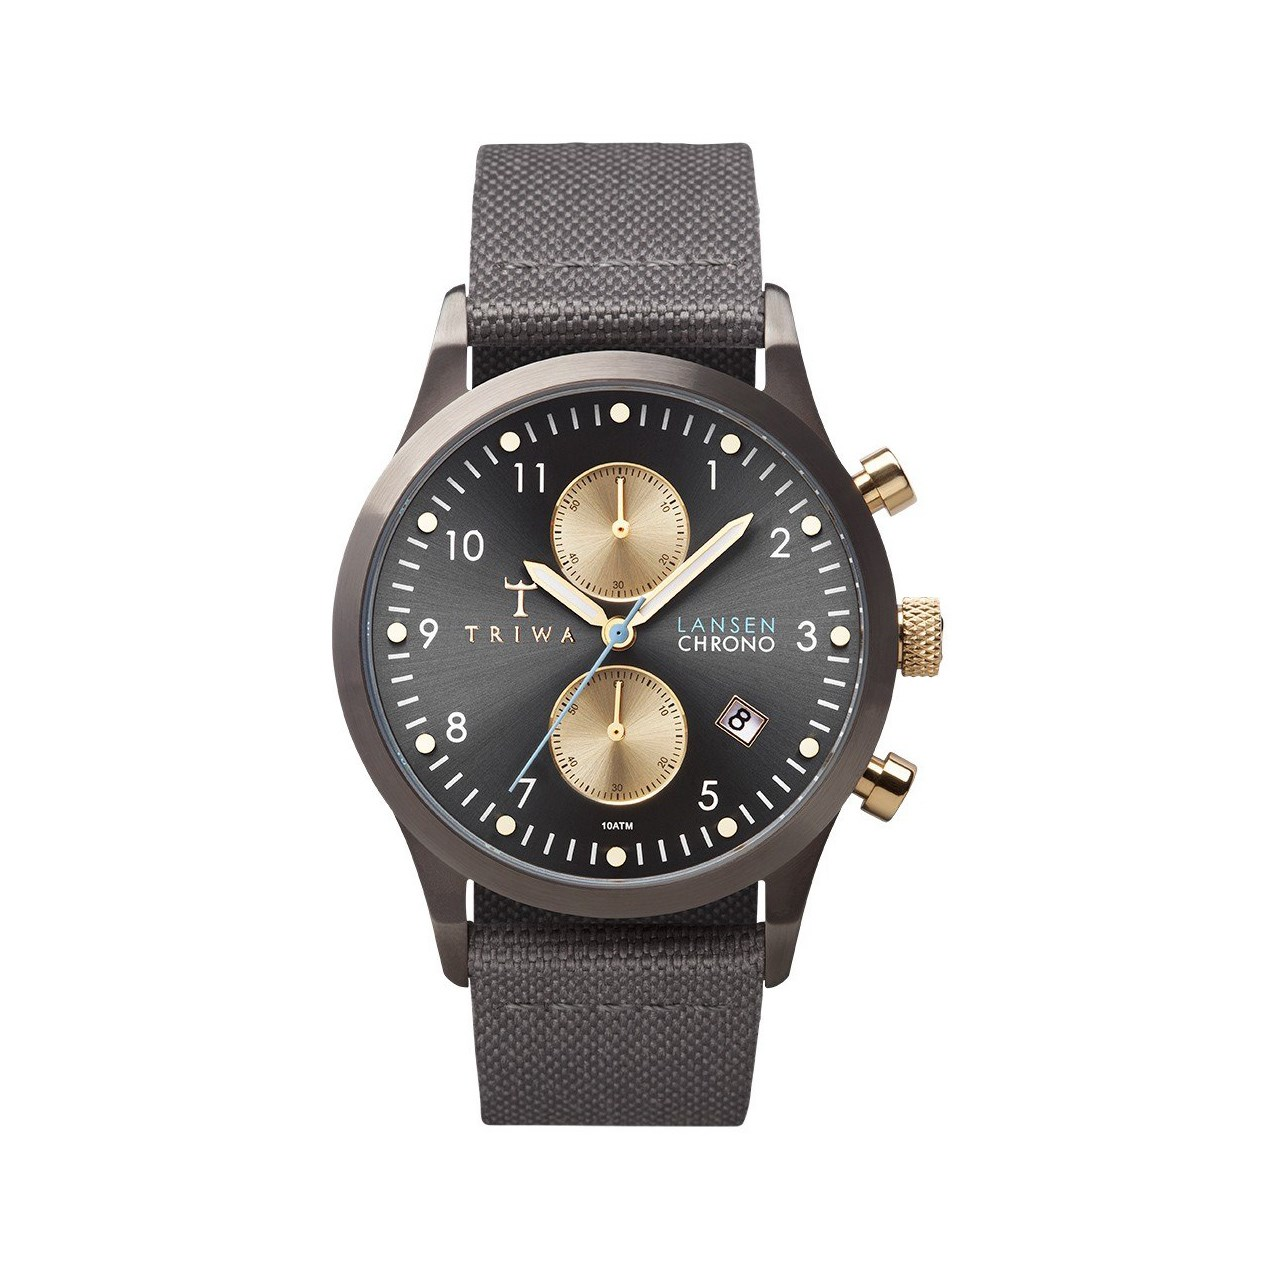 ساعت عقربه ای تریوا مدل Walter lansen chrono 3